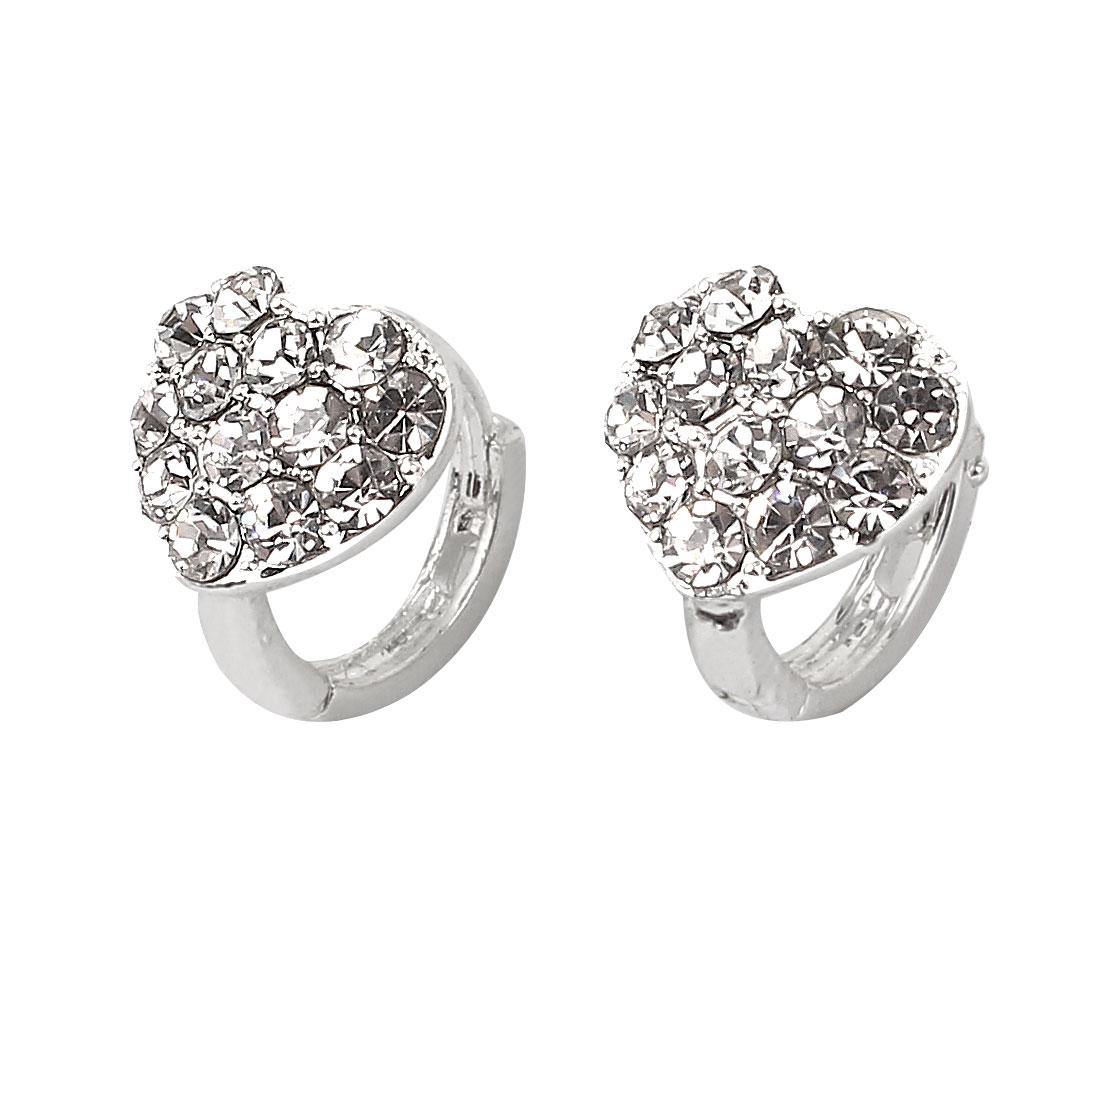 Plastic Rhinestones Inlaid Metal Circle Hoop Glittery Earrings Pair